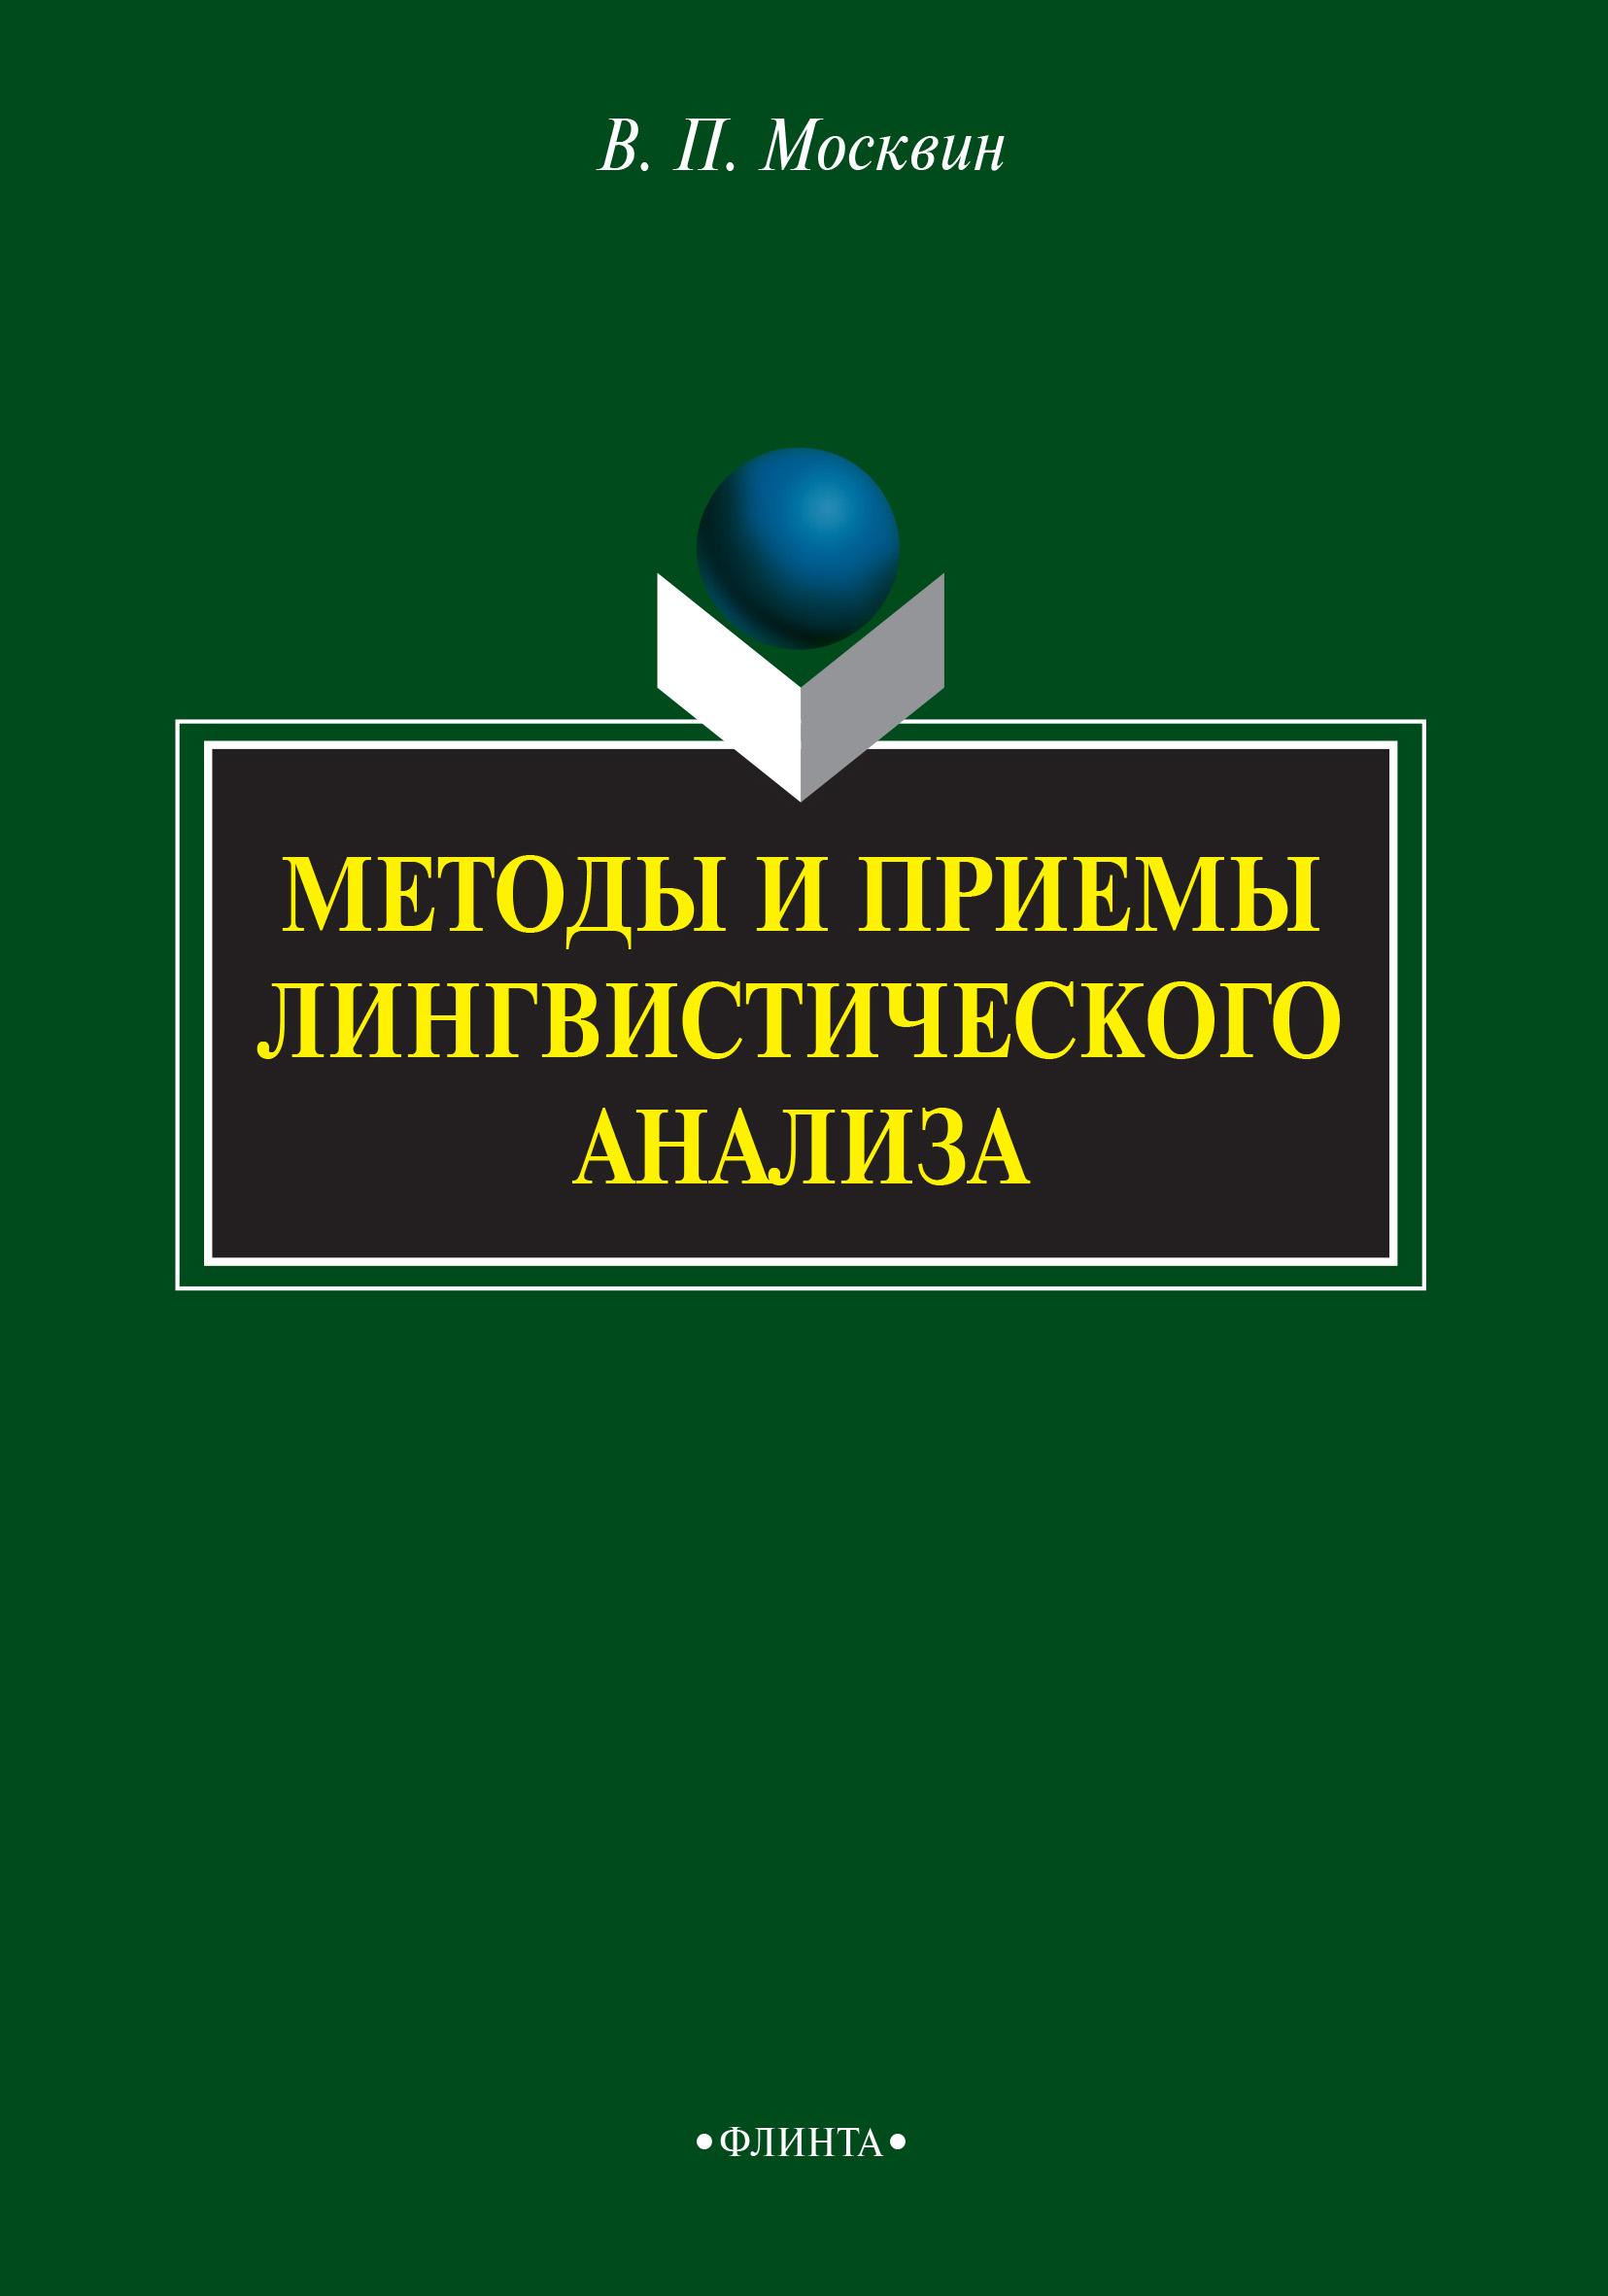 В. П. Москвин Методы и приемы лингвиcтичеcкого анализа в п москвин методы и приемы лингвиcтичеcкого анализа